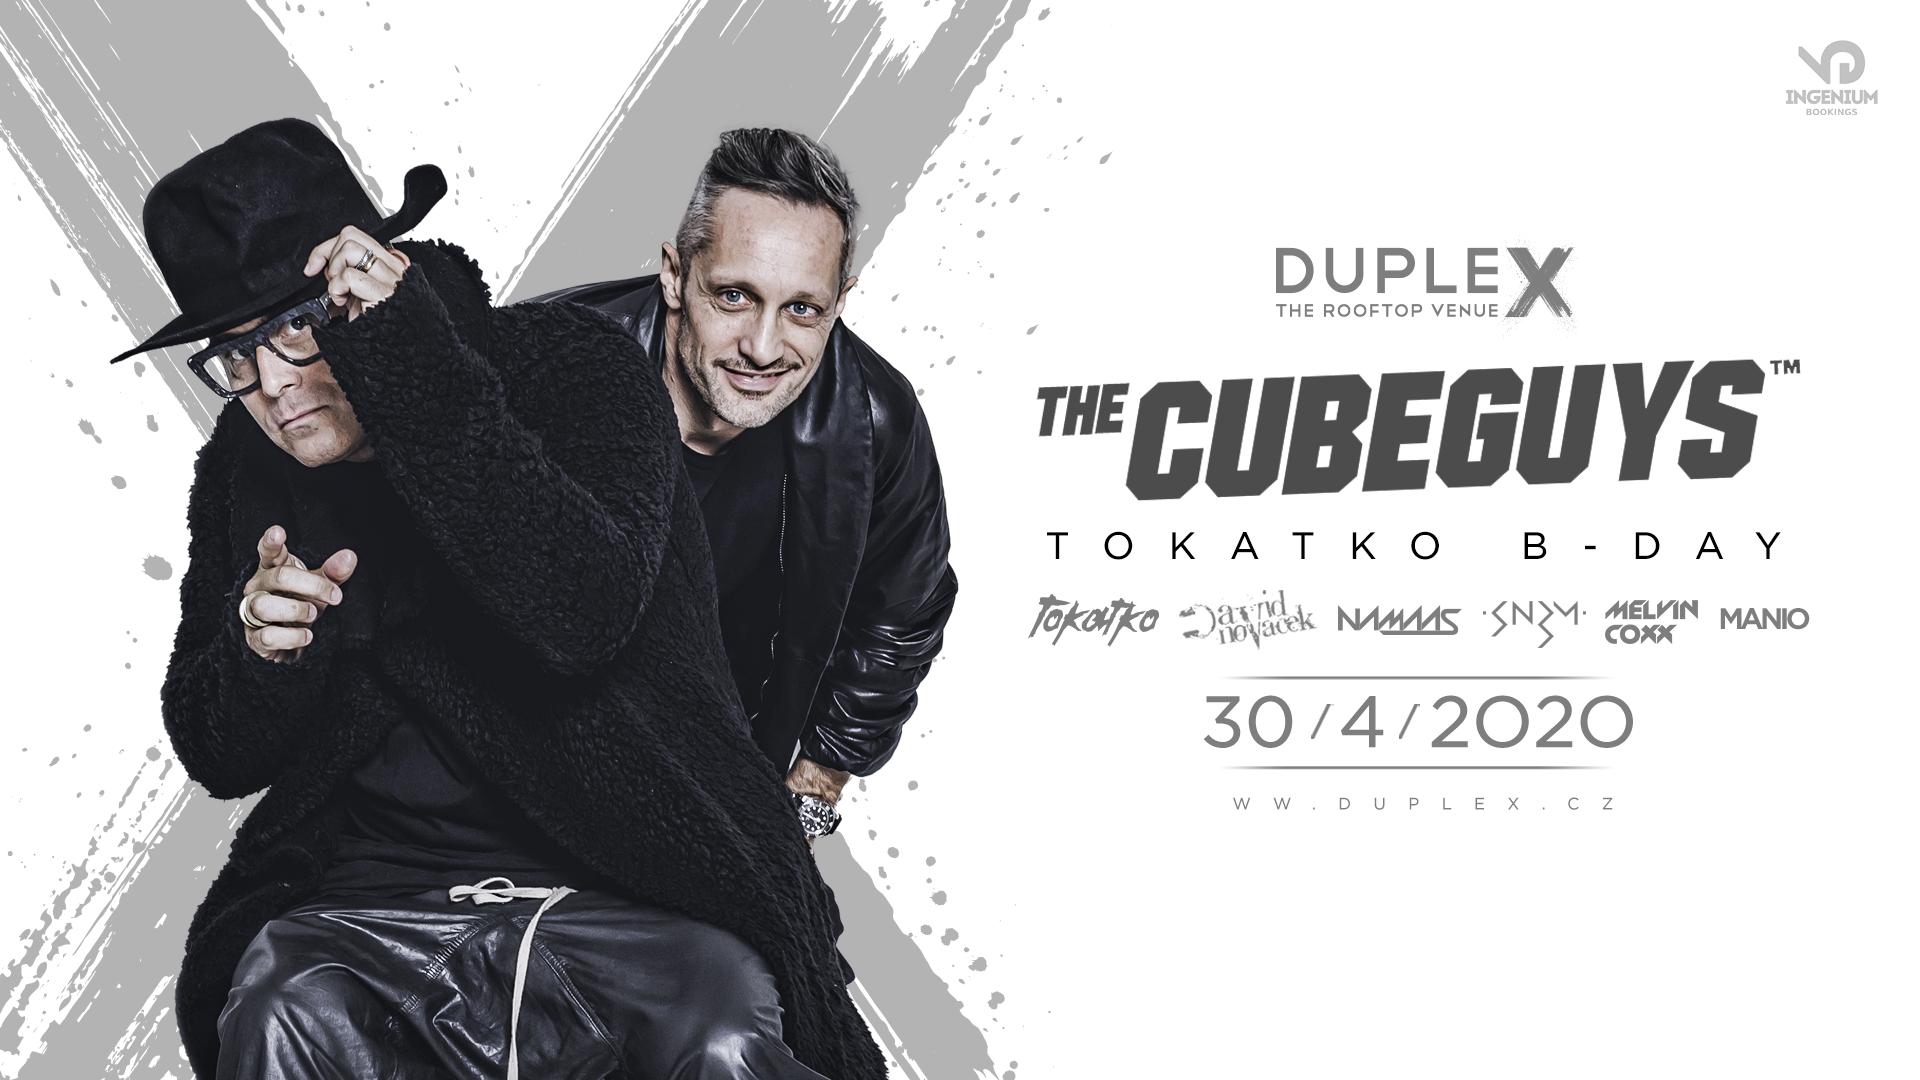 The Cube Guys zahrají 30. dubna v Duplexu